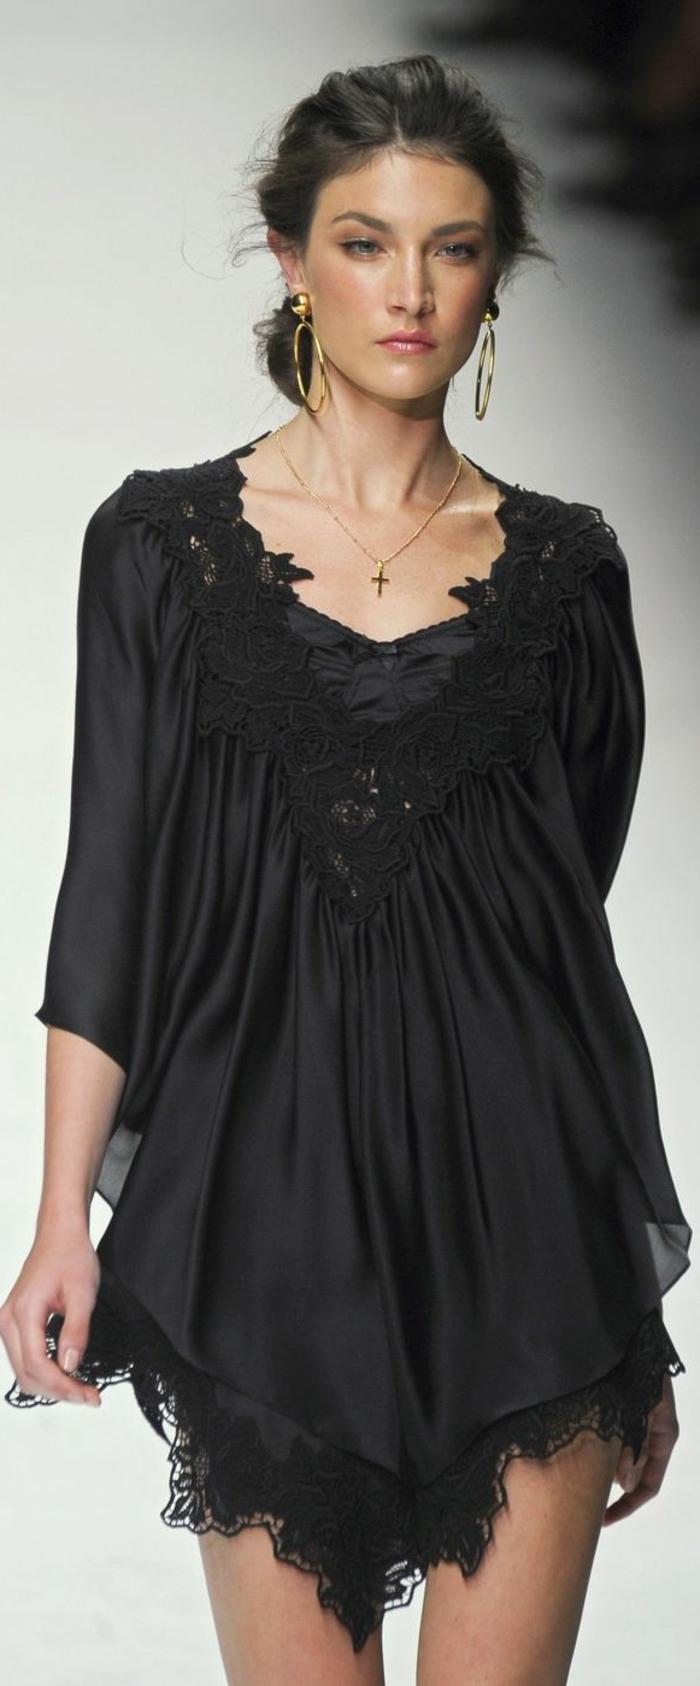 dolce-and-gabanna-robe-longue-soiree-de-couleur-noire-une-vraie-tendance